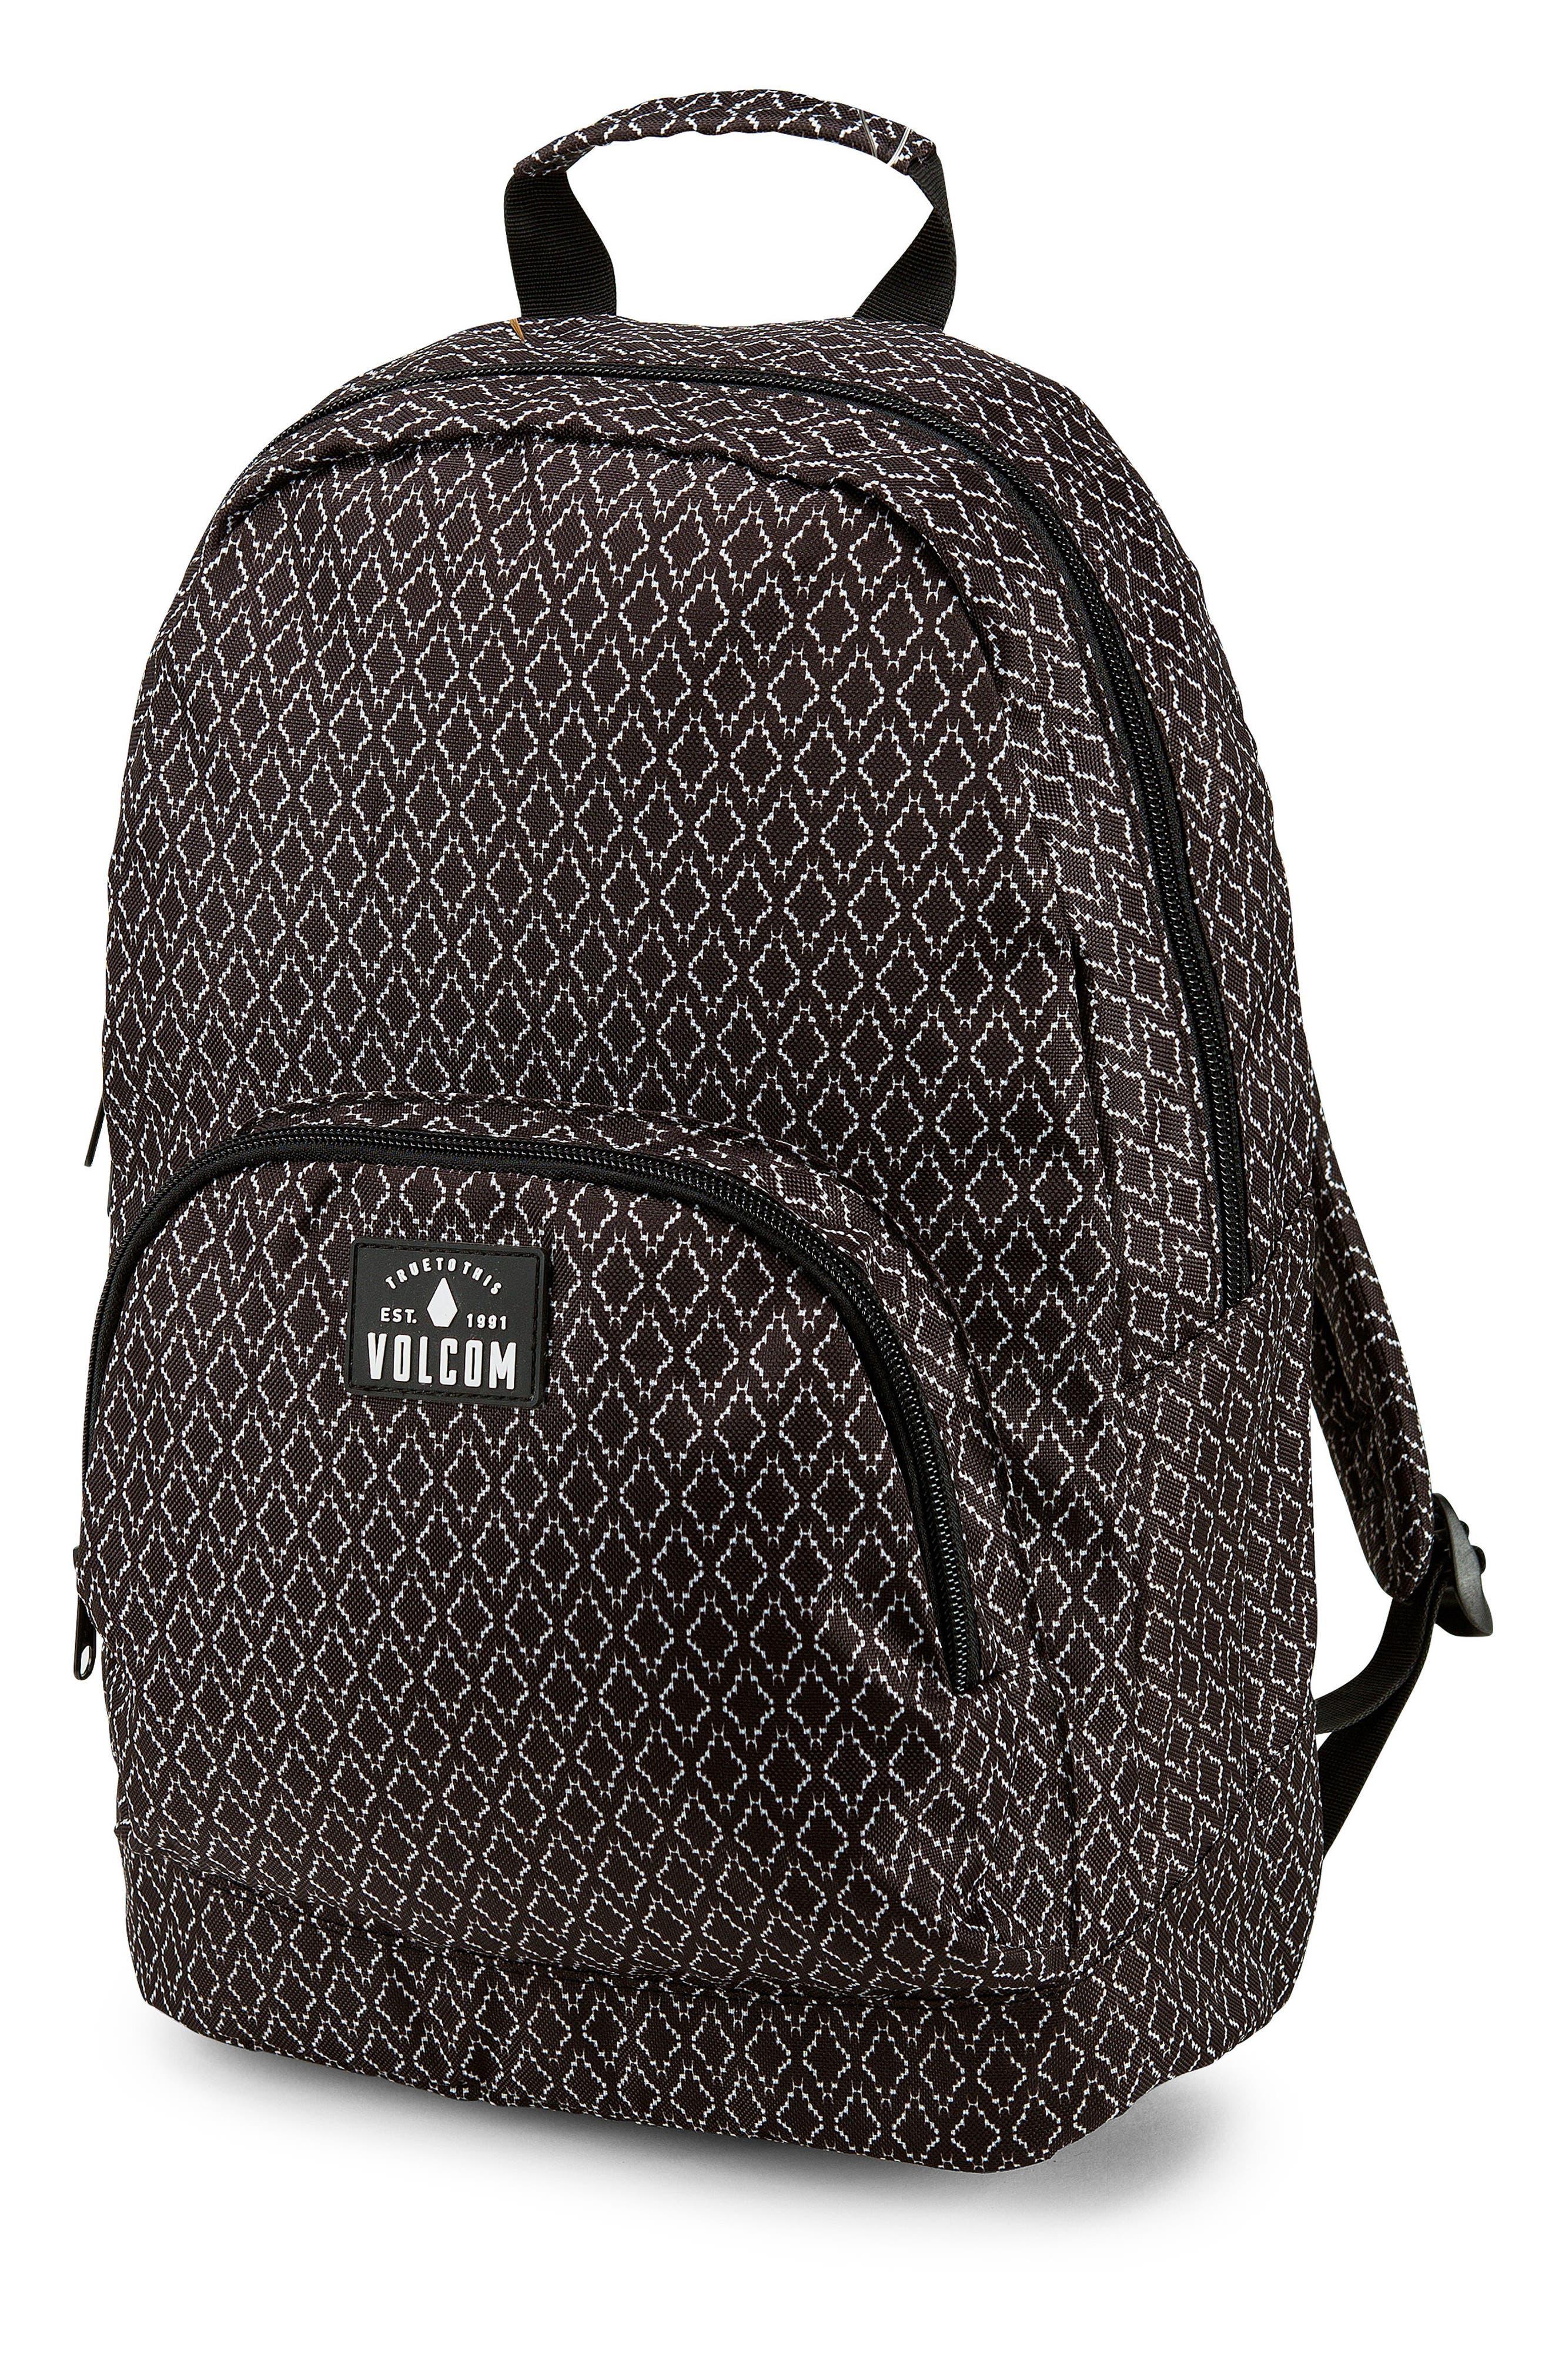 Volcom Schoolyard Backpack